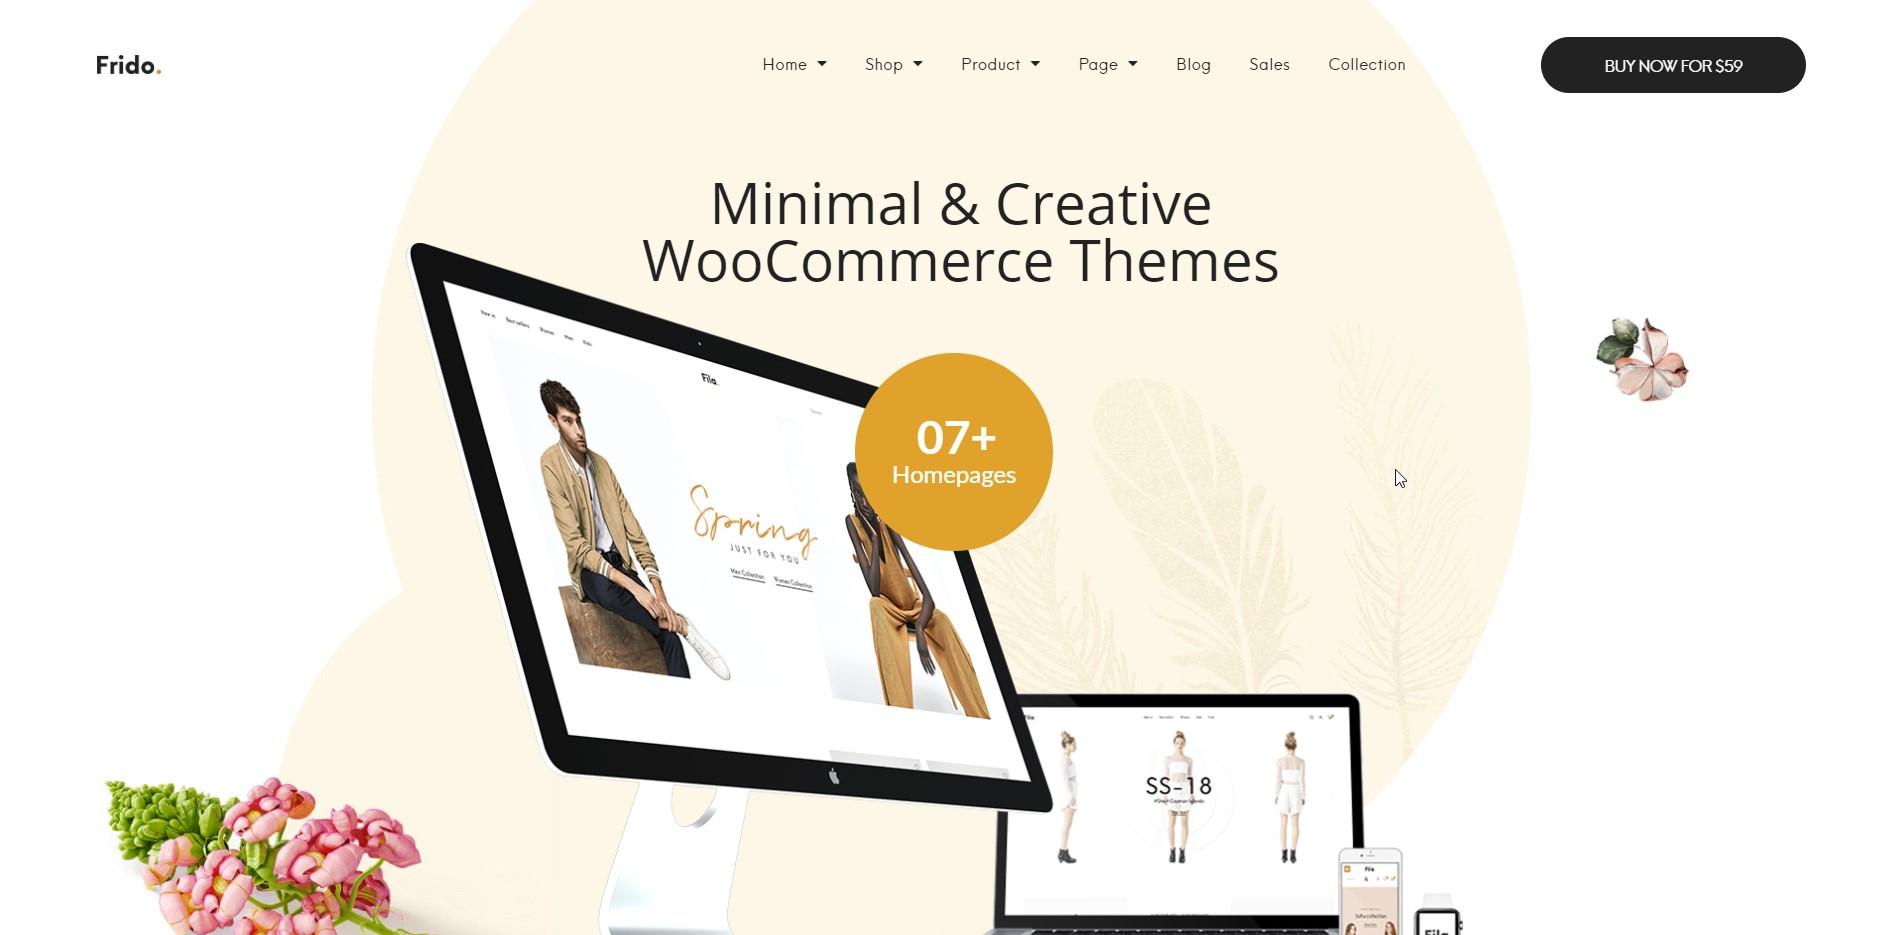 Frido - Minimal & Creative WooCommerce Theme